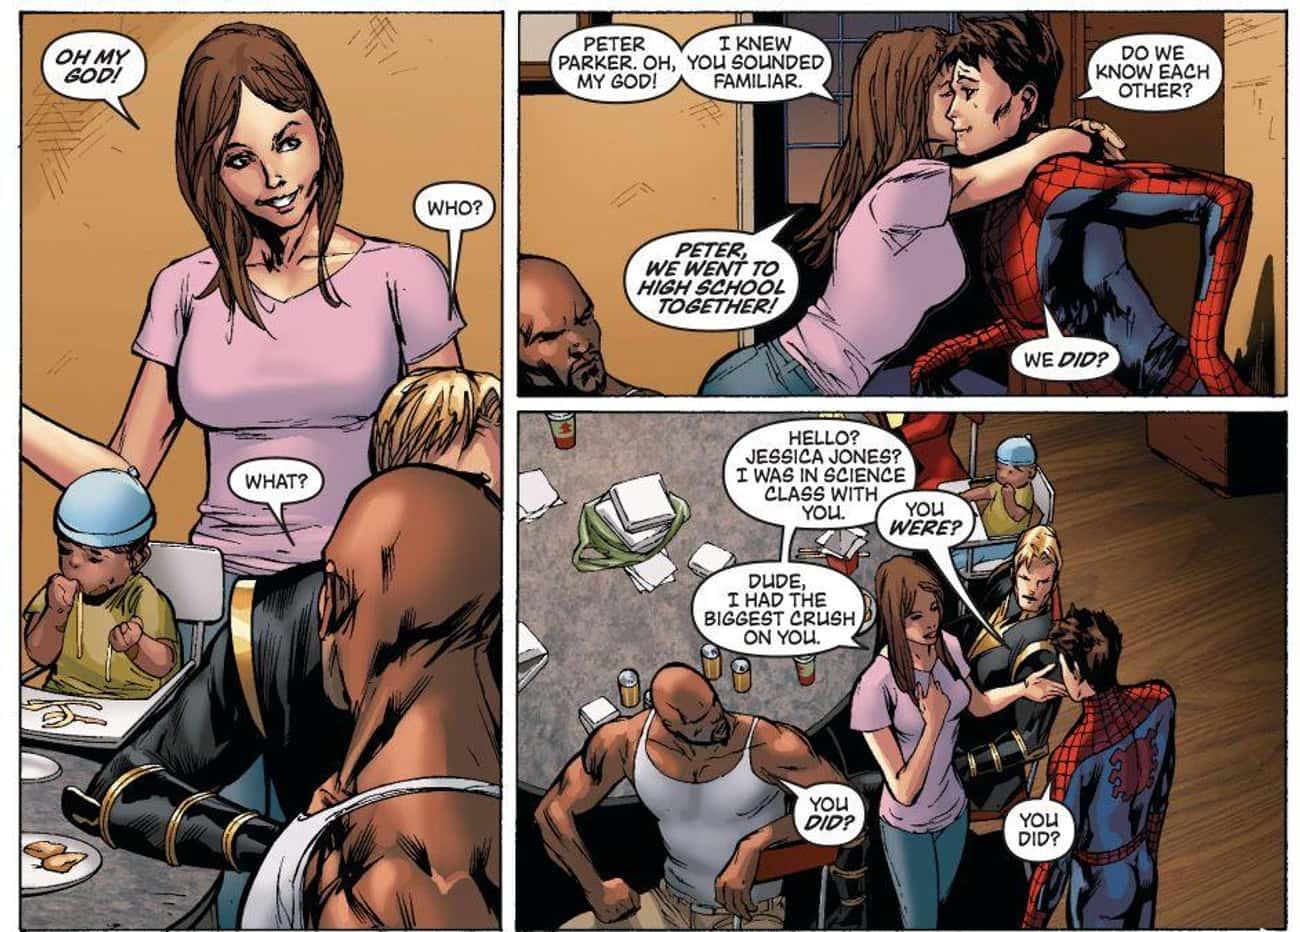 Jessica Jones Was On The Same Field Trip As Spider-Man When A Radioactive Spider Bit Him